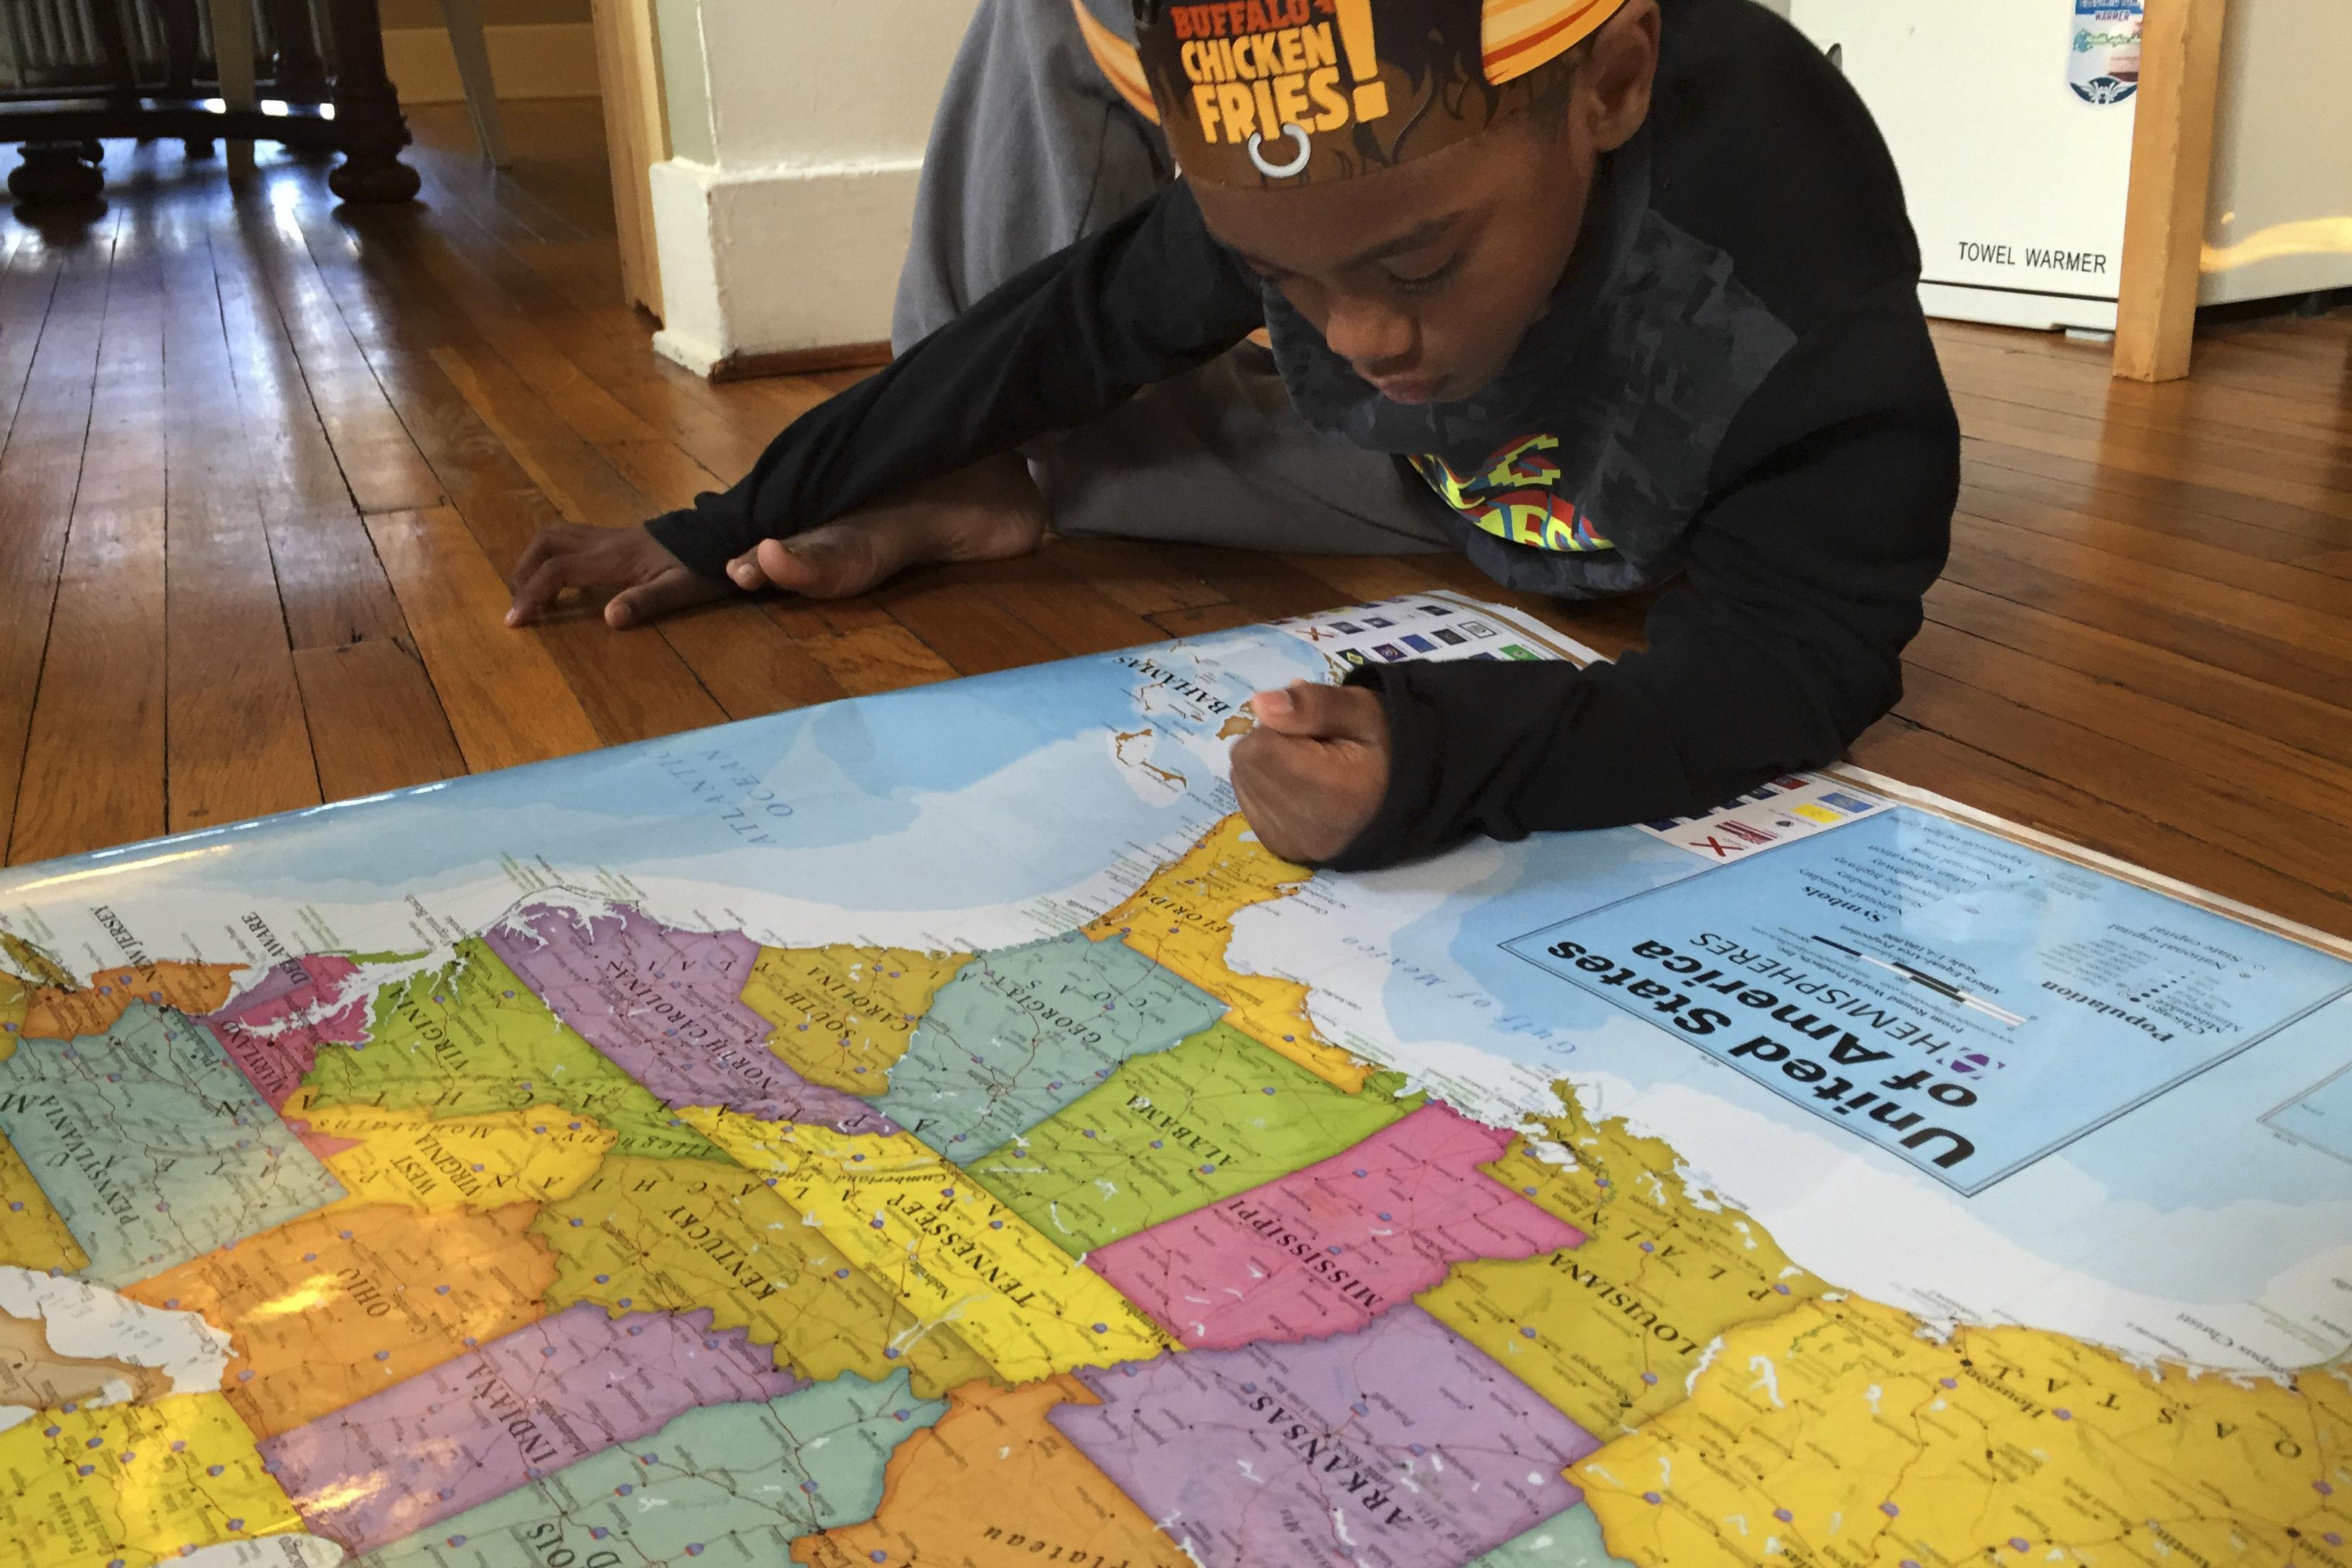 In African-American Communities, Growing Interest In Home-Schooling